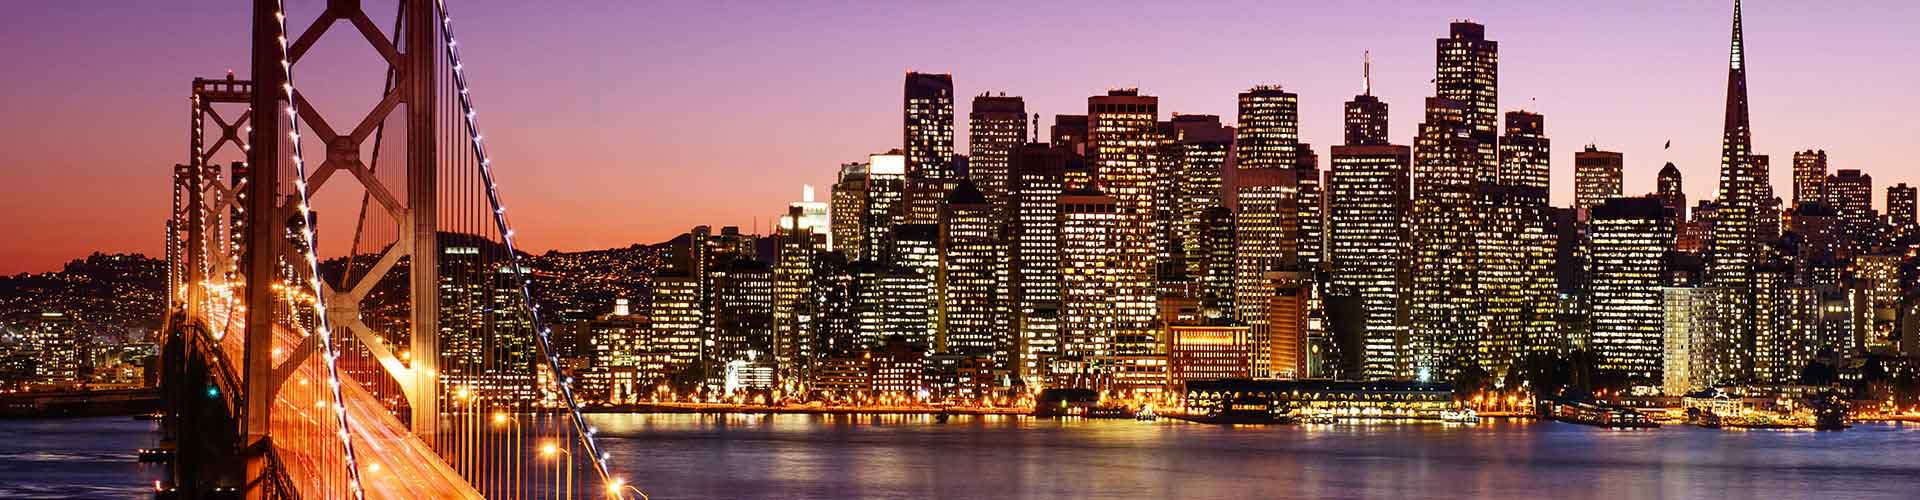 San Francisco - Jugendherbergen in San Francisco. San Francisco auf der Karte. Fotos und Bewertungen für jede Jugendherberge in San Francisco.